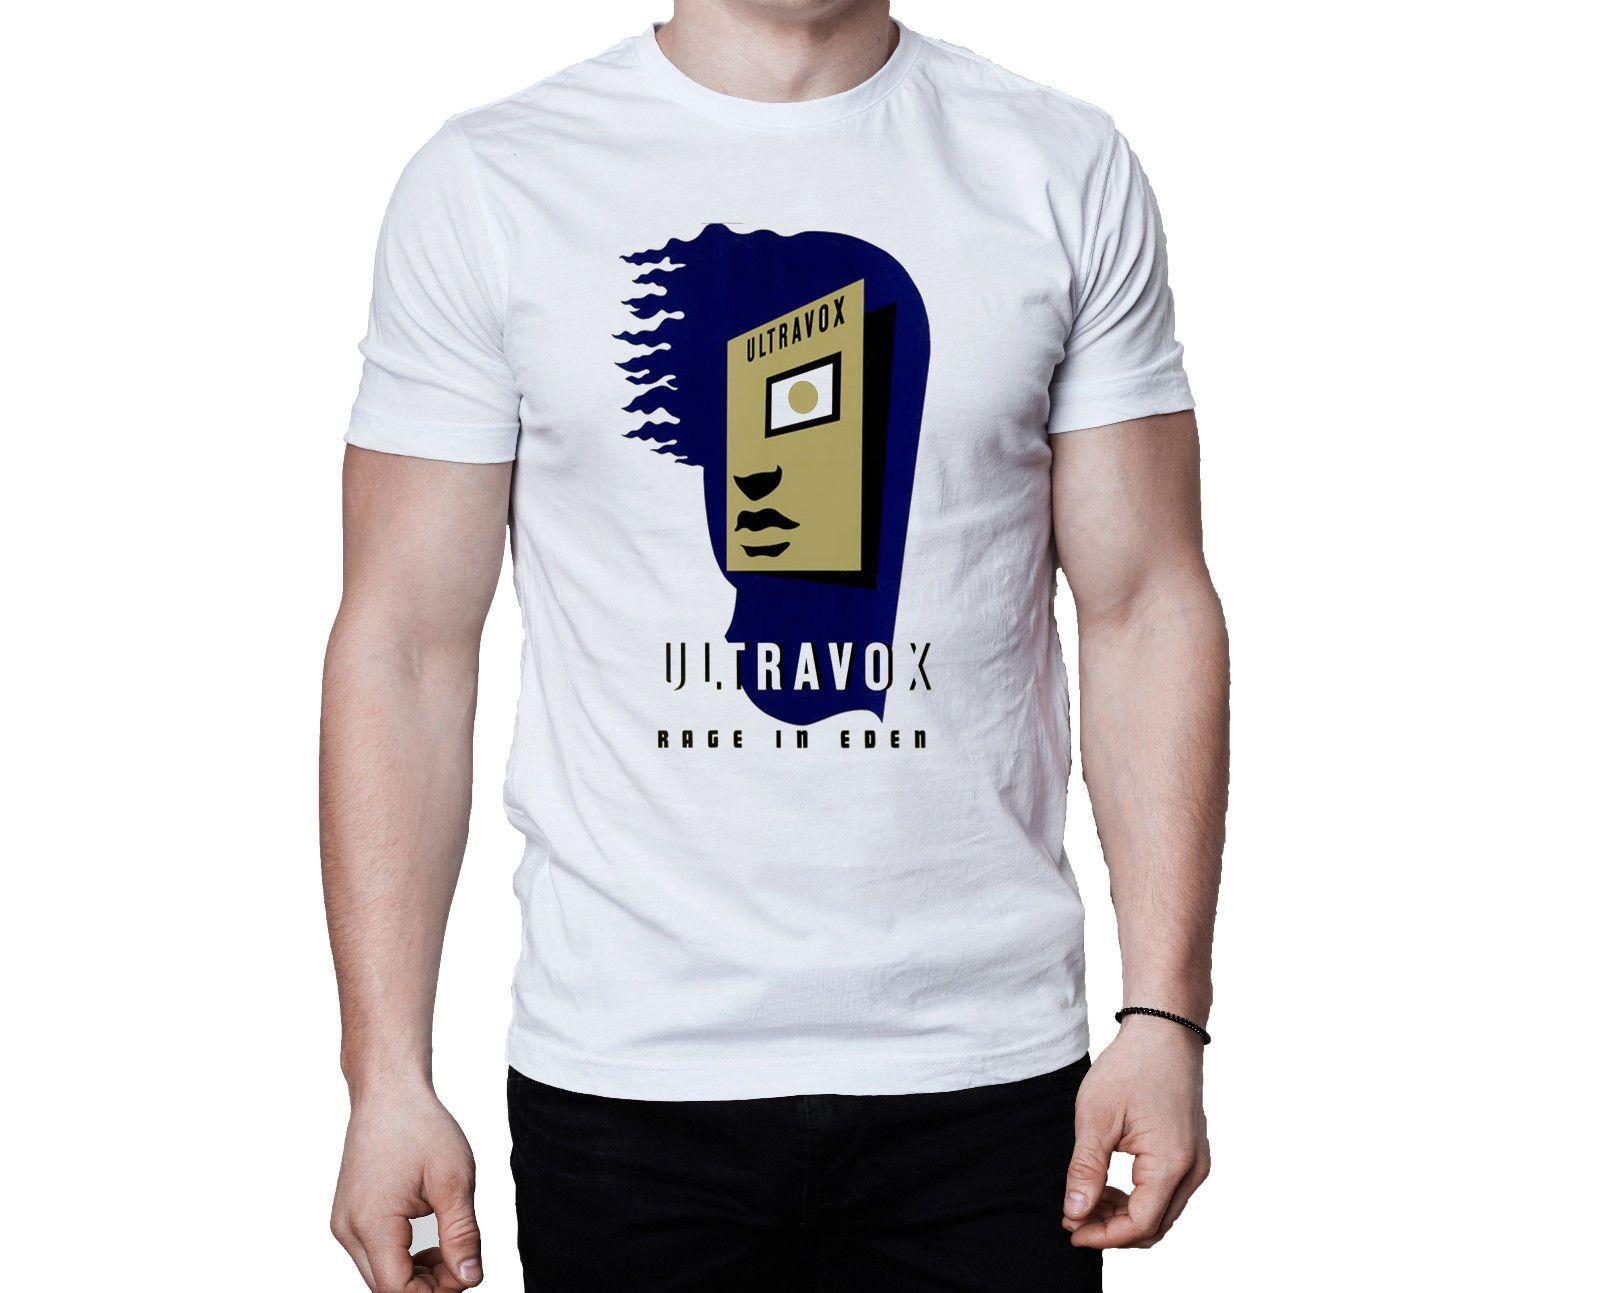 Ultravox Rage In Eden 1981 Cubierta de álbum Camiseta Hombres impresos Camiseta Ropa Top camiseta Verano Hombres Ropa O - Cuello Camisetas